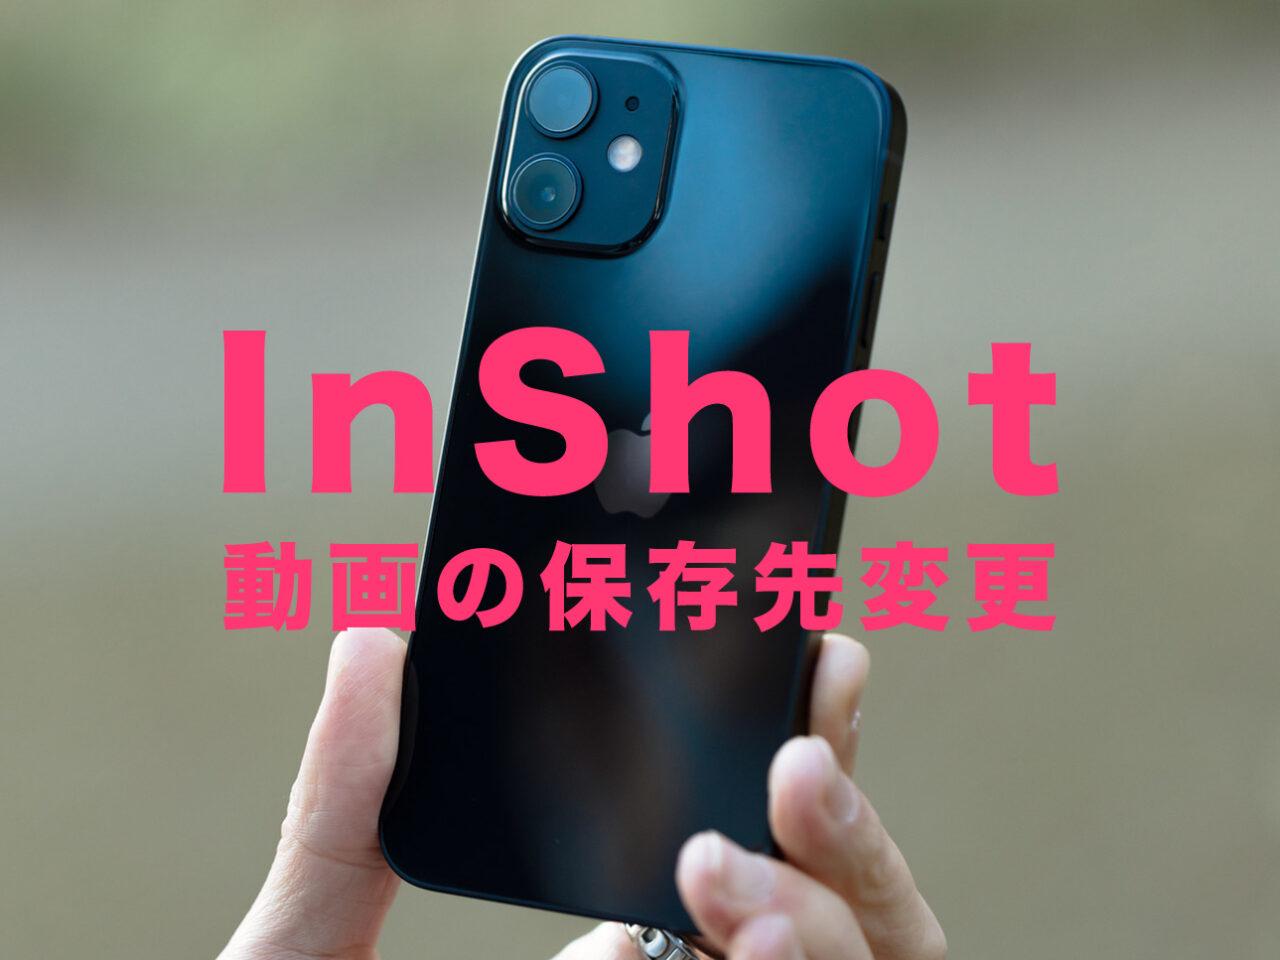 InShot(インショット)で動画の保存先を変更する方法&やり方は?のサムネイル画像